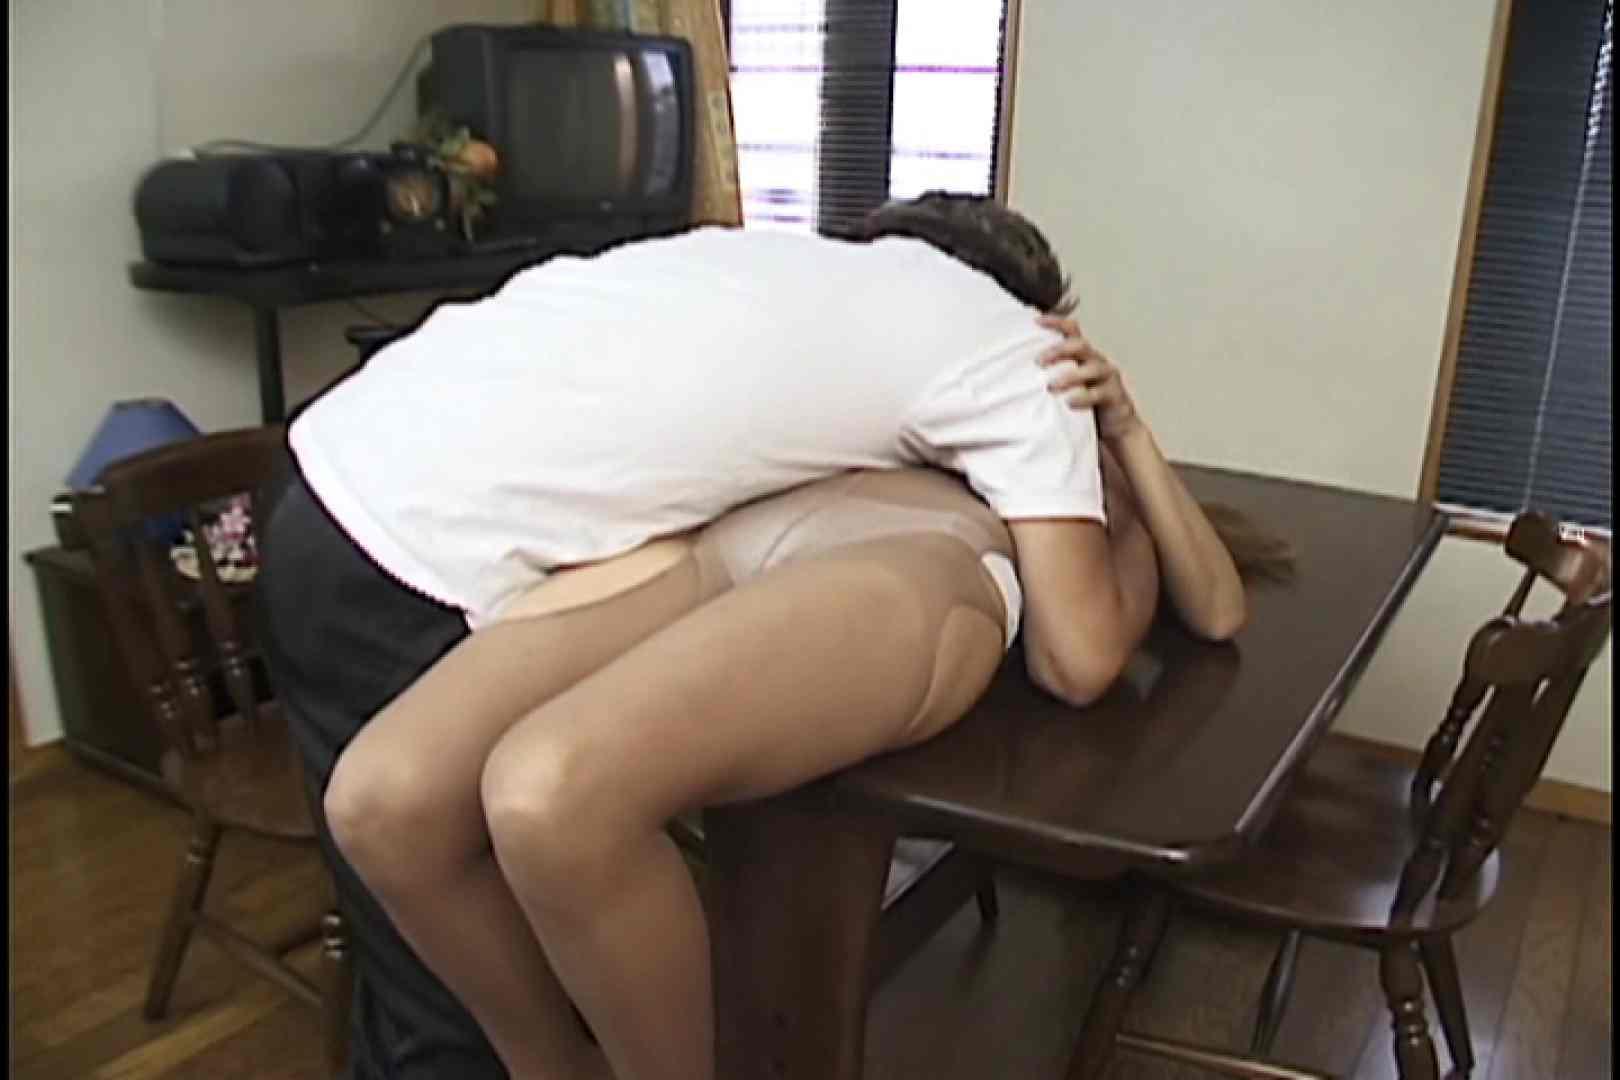 昼間の奥様は欲求不満 ~渡辺亜矢~ 友人のセックス ぱこり動画紹介 52PIX 20